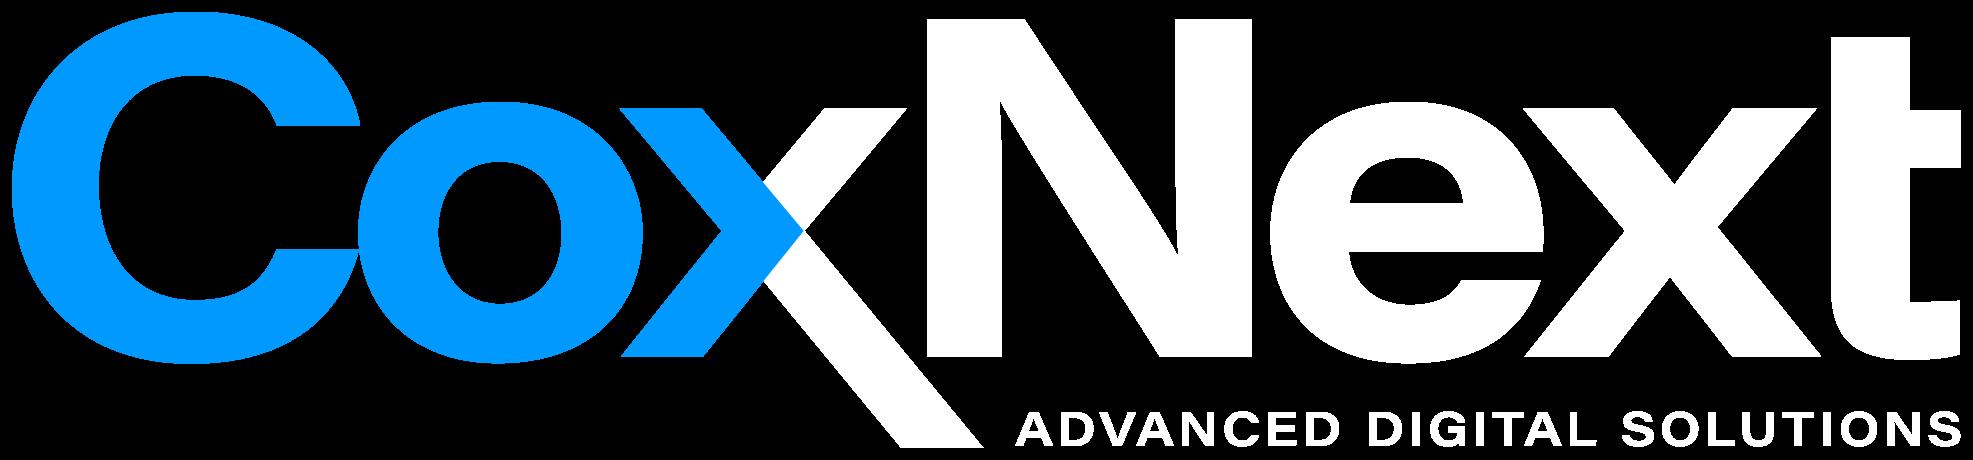 Coxnext